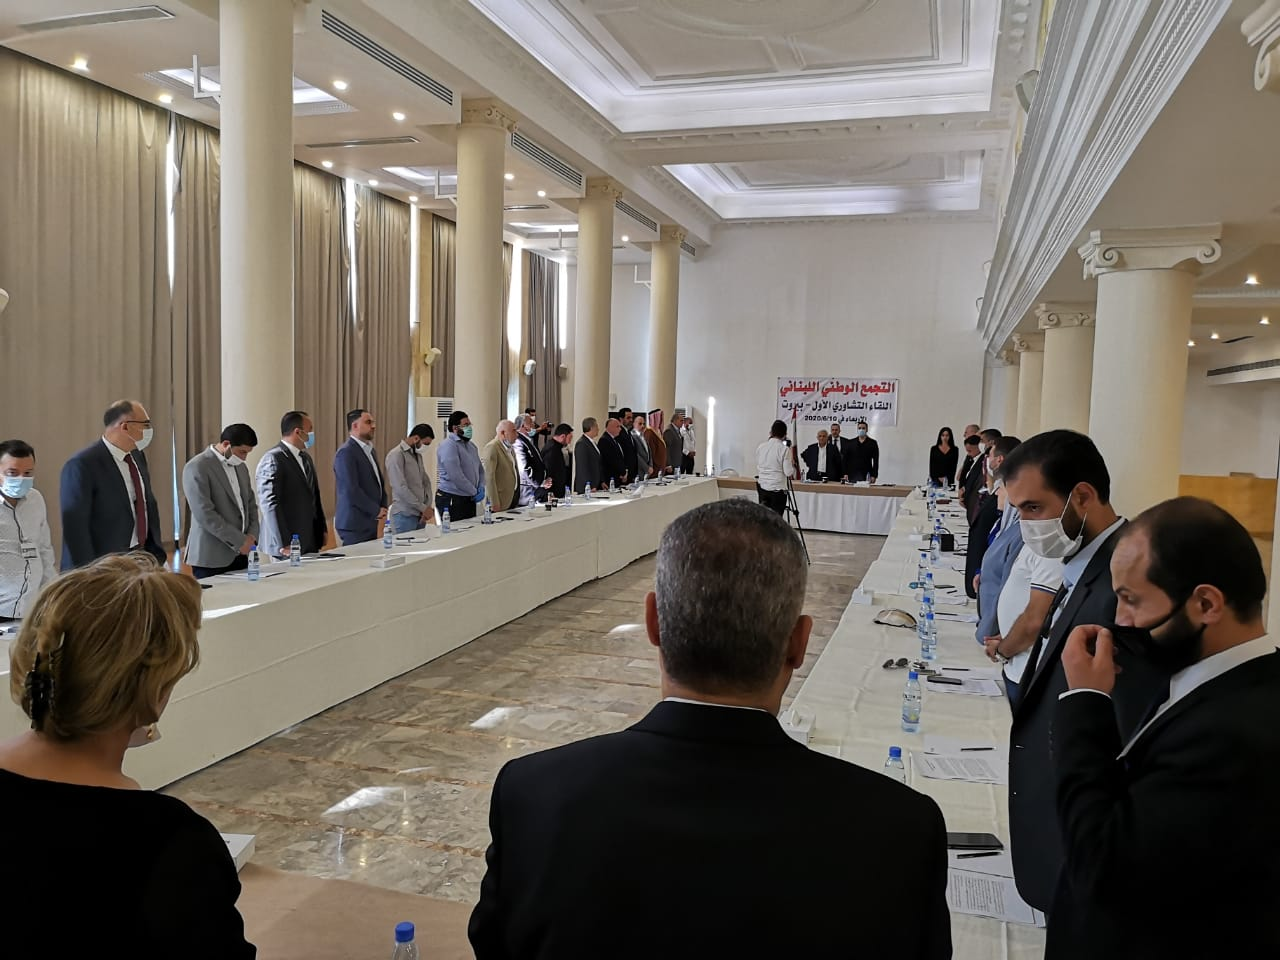 التجمع الوطني اللبناني: وقف تمويل المحكمة...